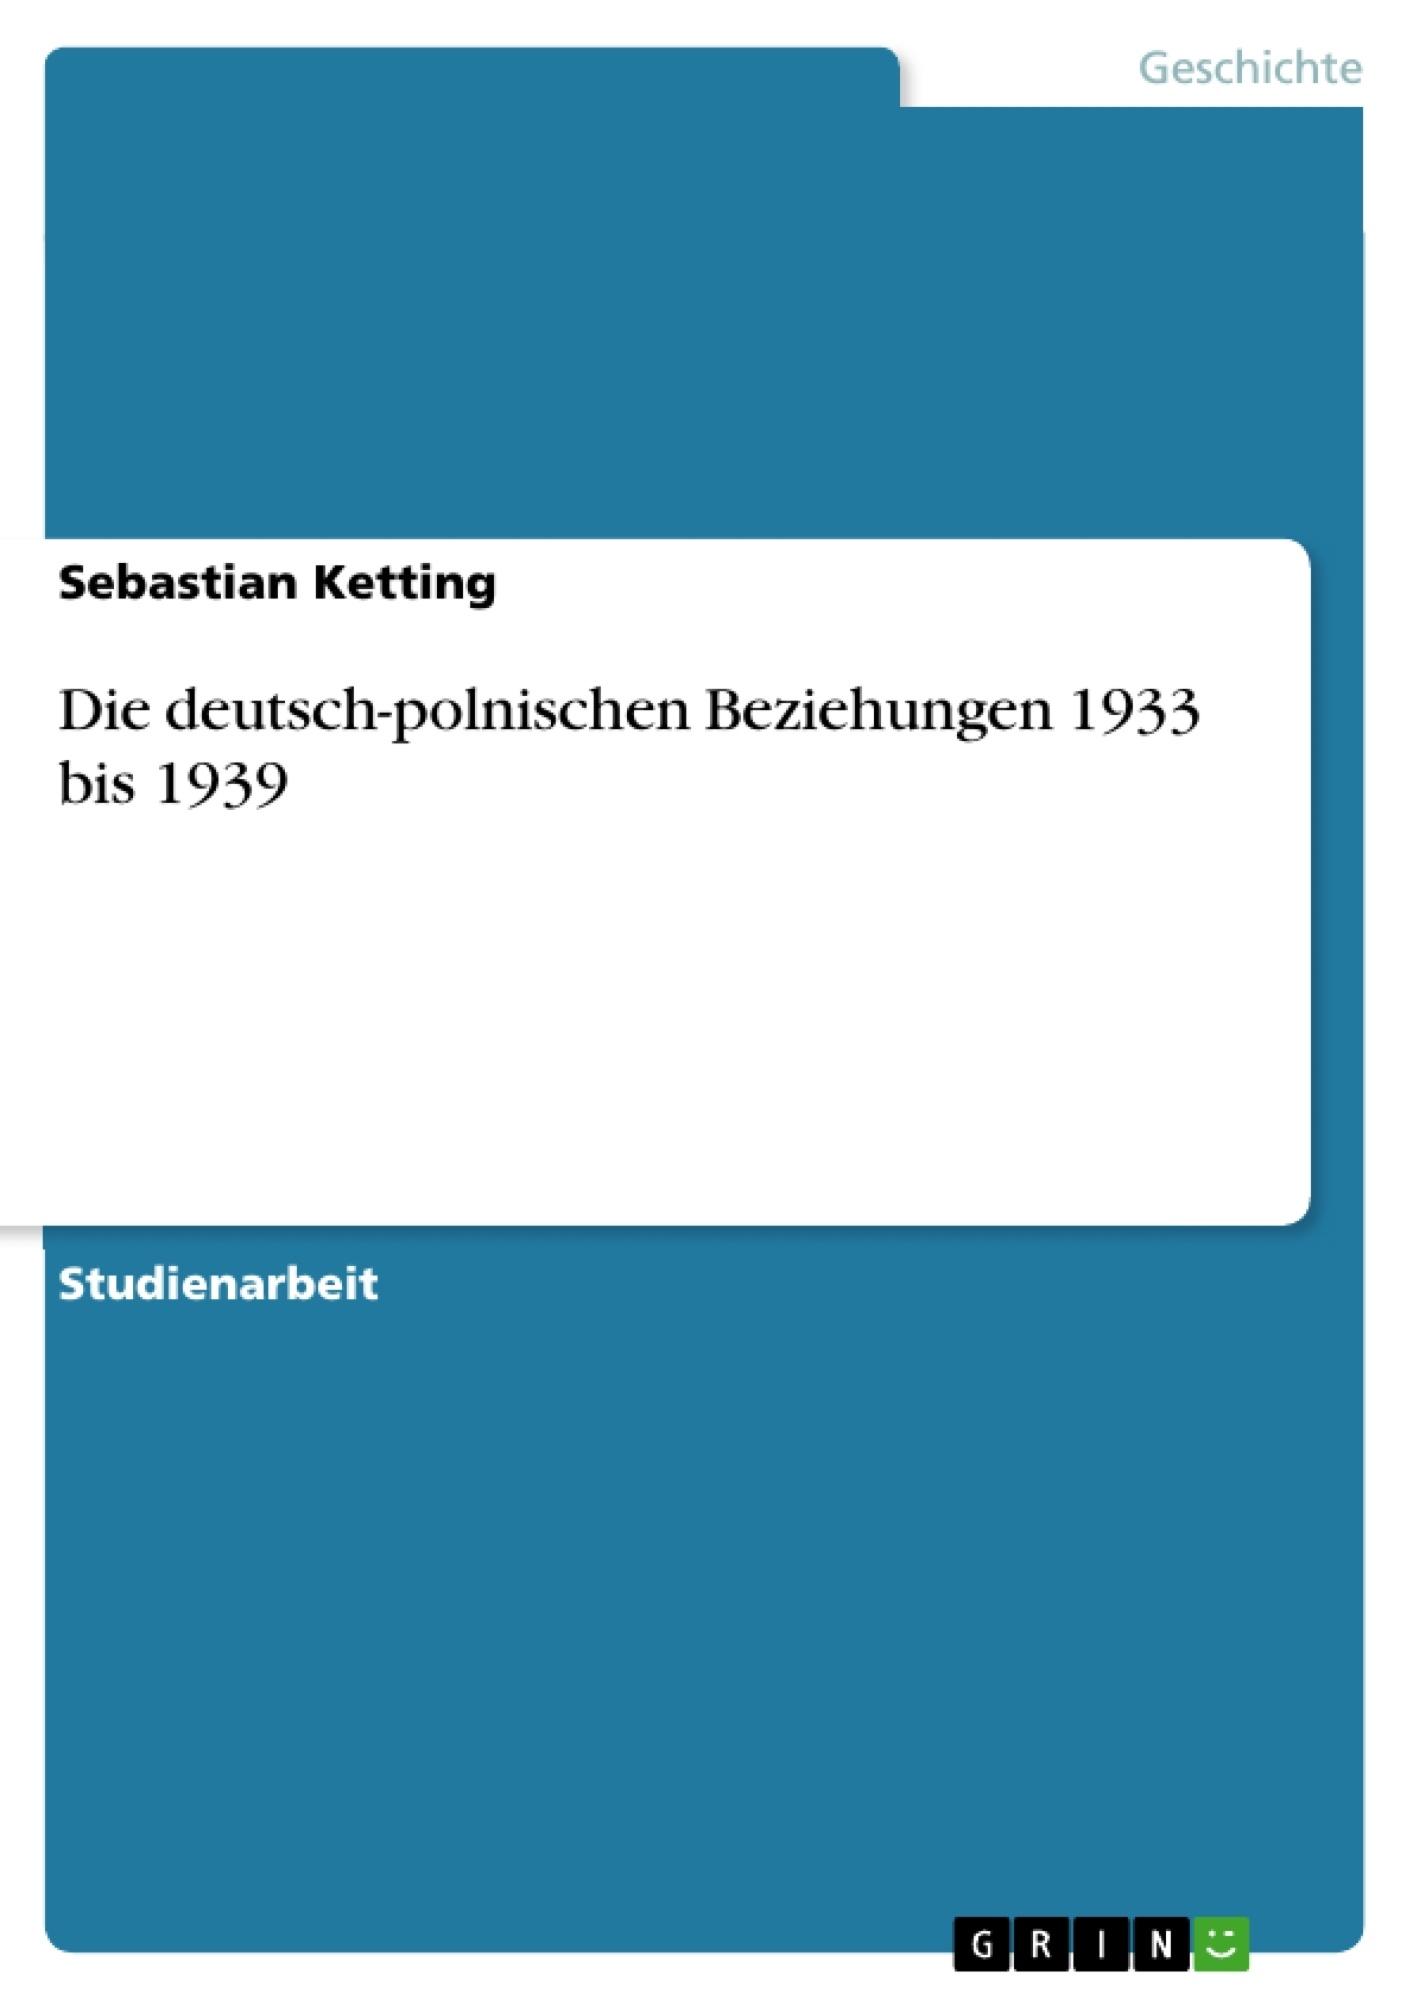 Titel: Die deutsch-polnischen Beziehungen 1933 bis 1939